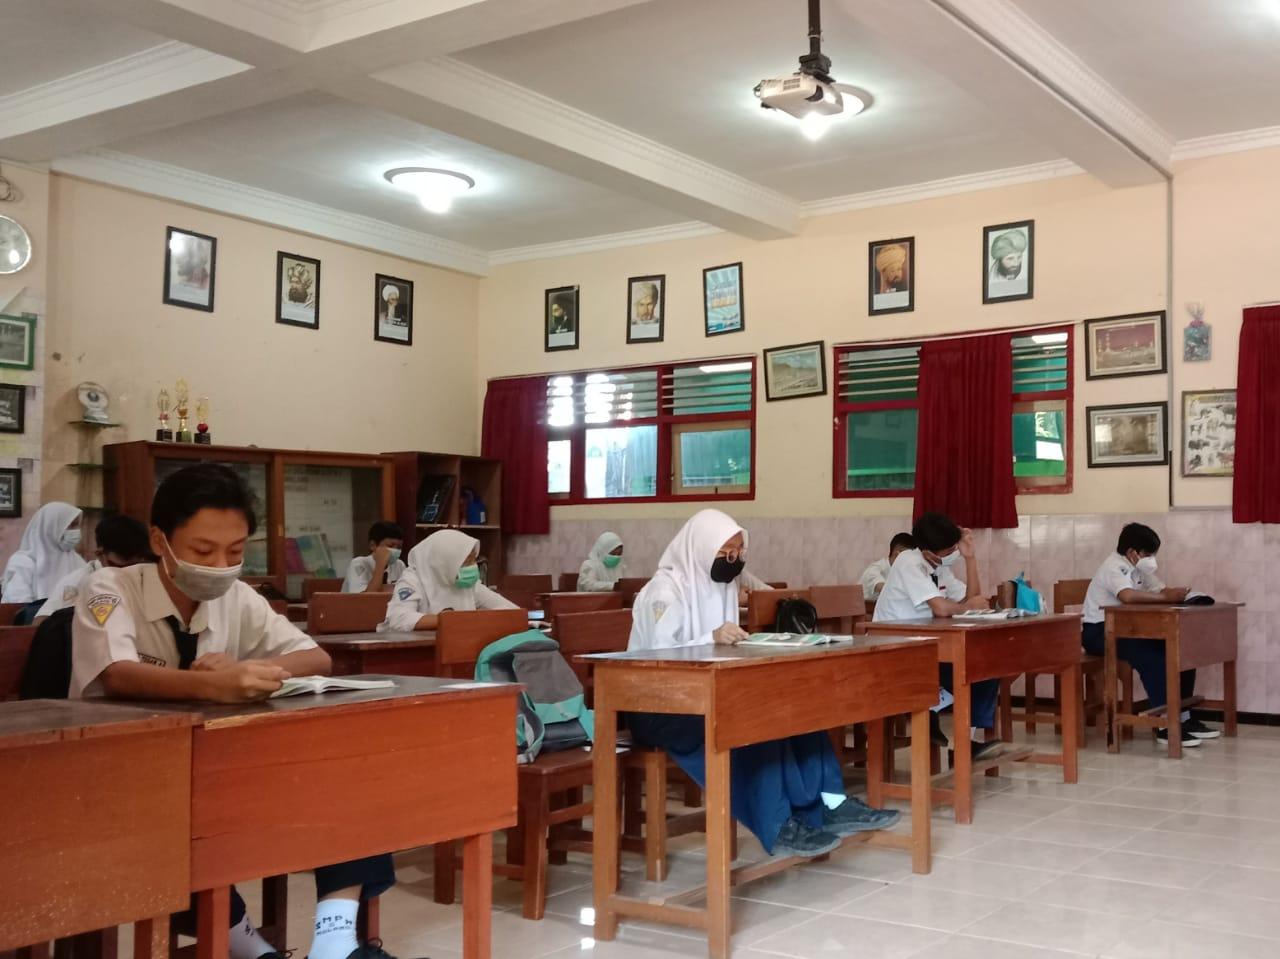 Foto: Ilustrasi ujian akhir sekolah bagi SMP di Kota Batu.